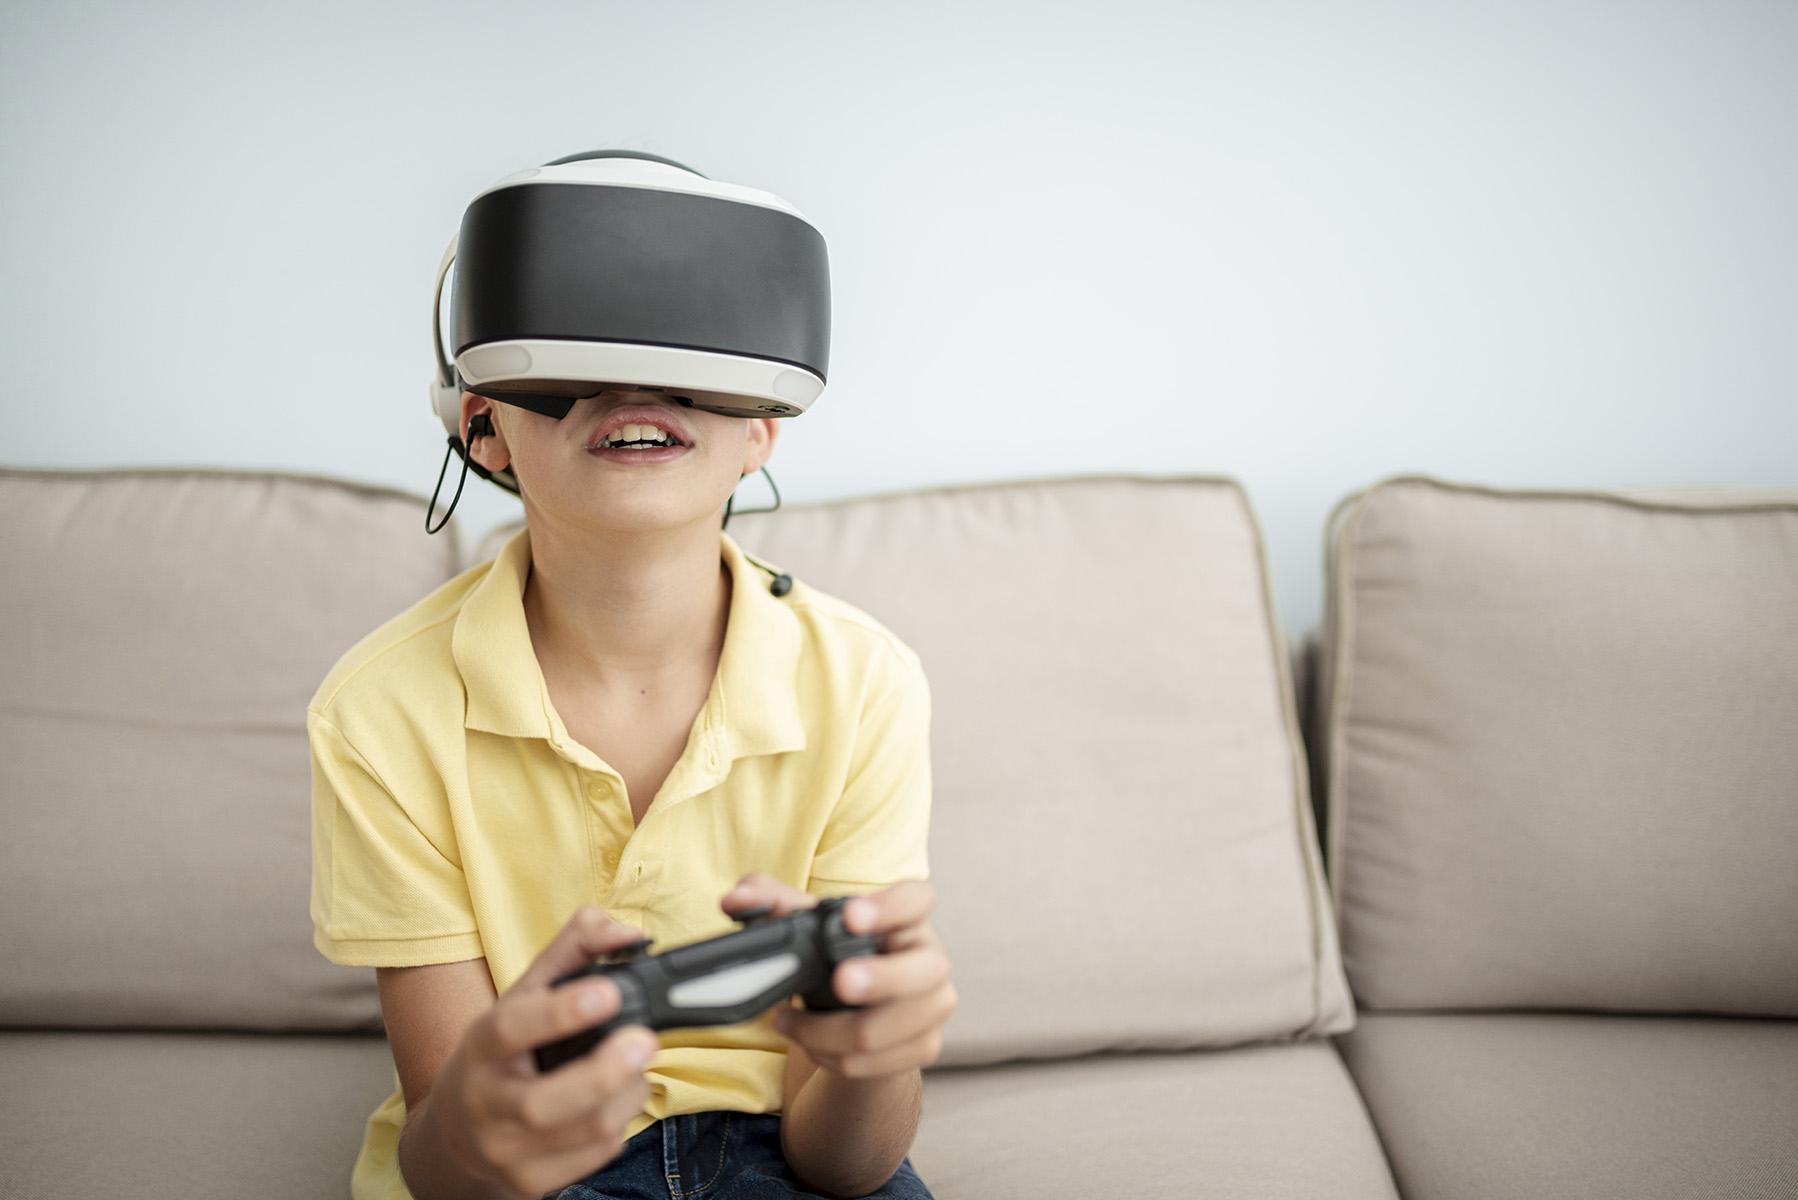 Menino sorridente joga videogame na sala de casa